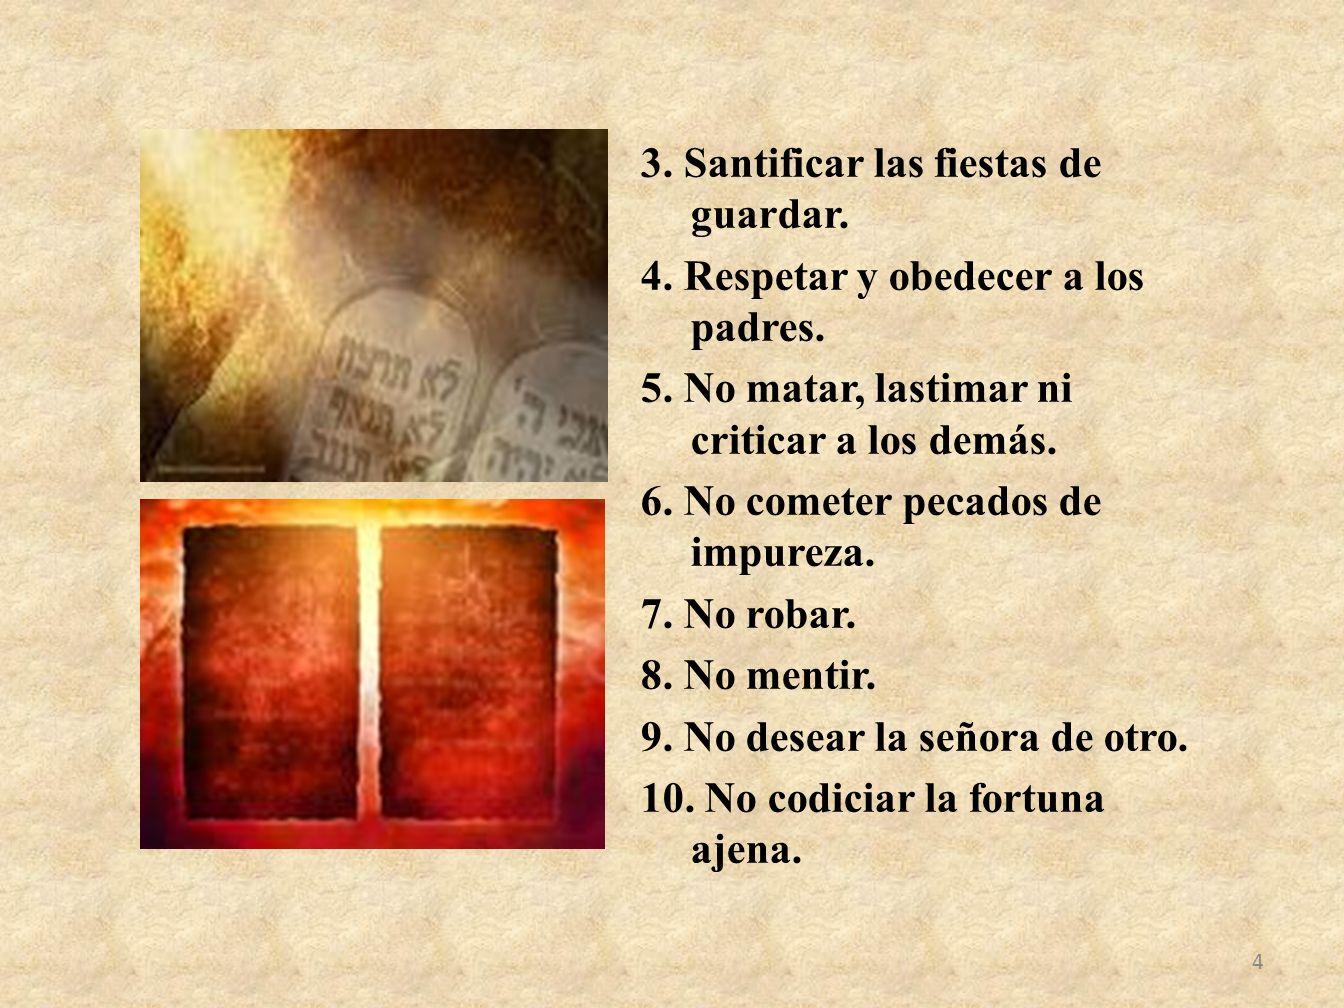 3. Santificar las fiestas de guardar. 4. Respetar y obedecer a los padres. 5. No matar, lastimar ni criticar a los demás. 6. No cometer pecados de imp